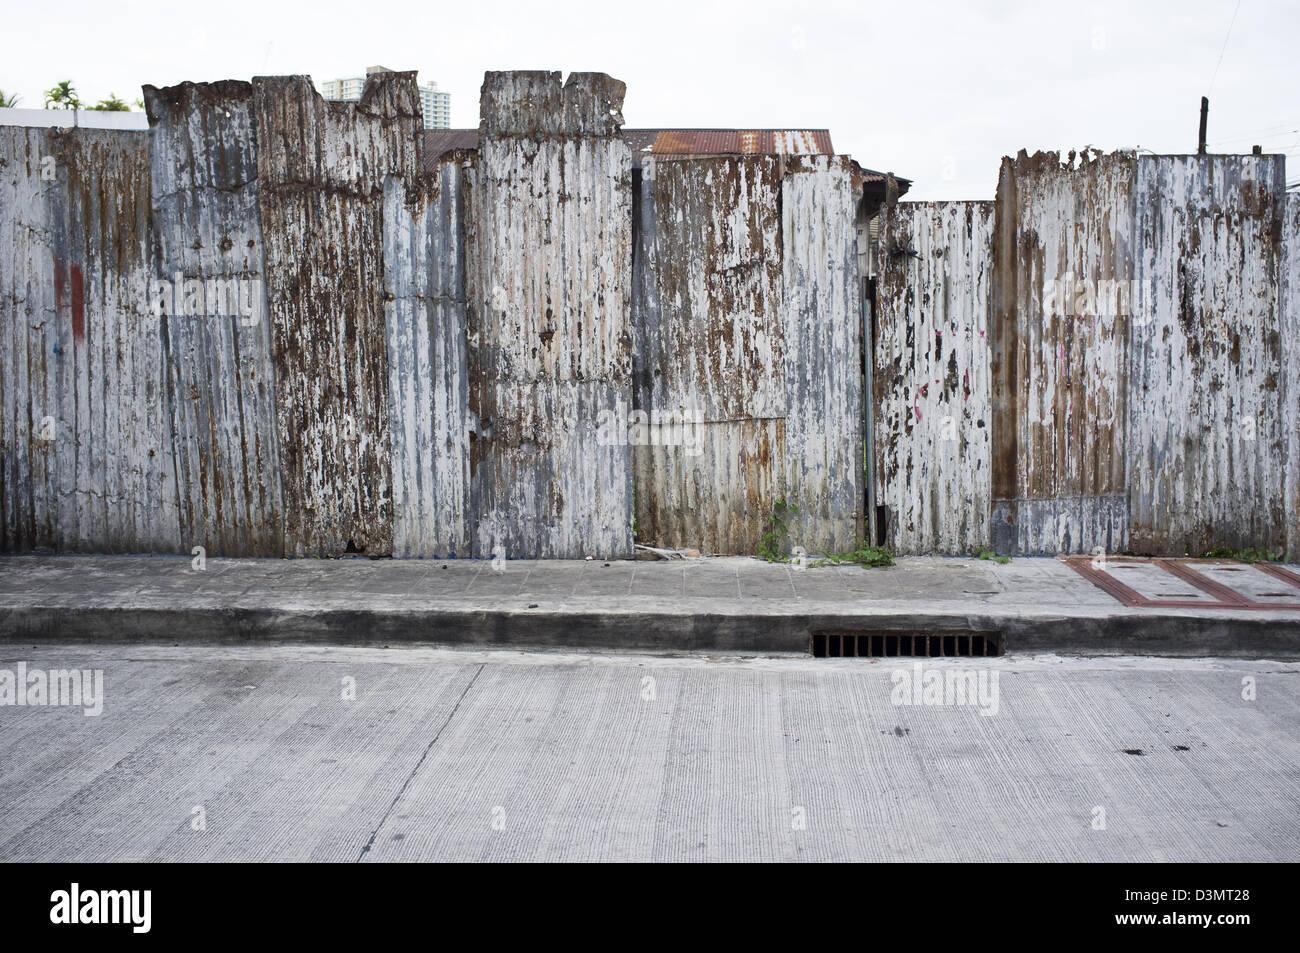 Wellblech-Mauer oder Zaun Stockfoto, Bild: 53932992 - Alamy